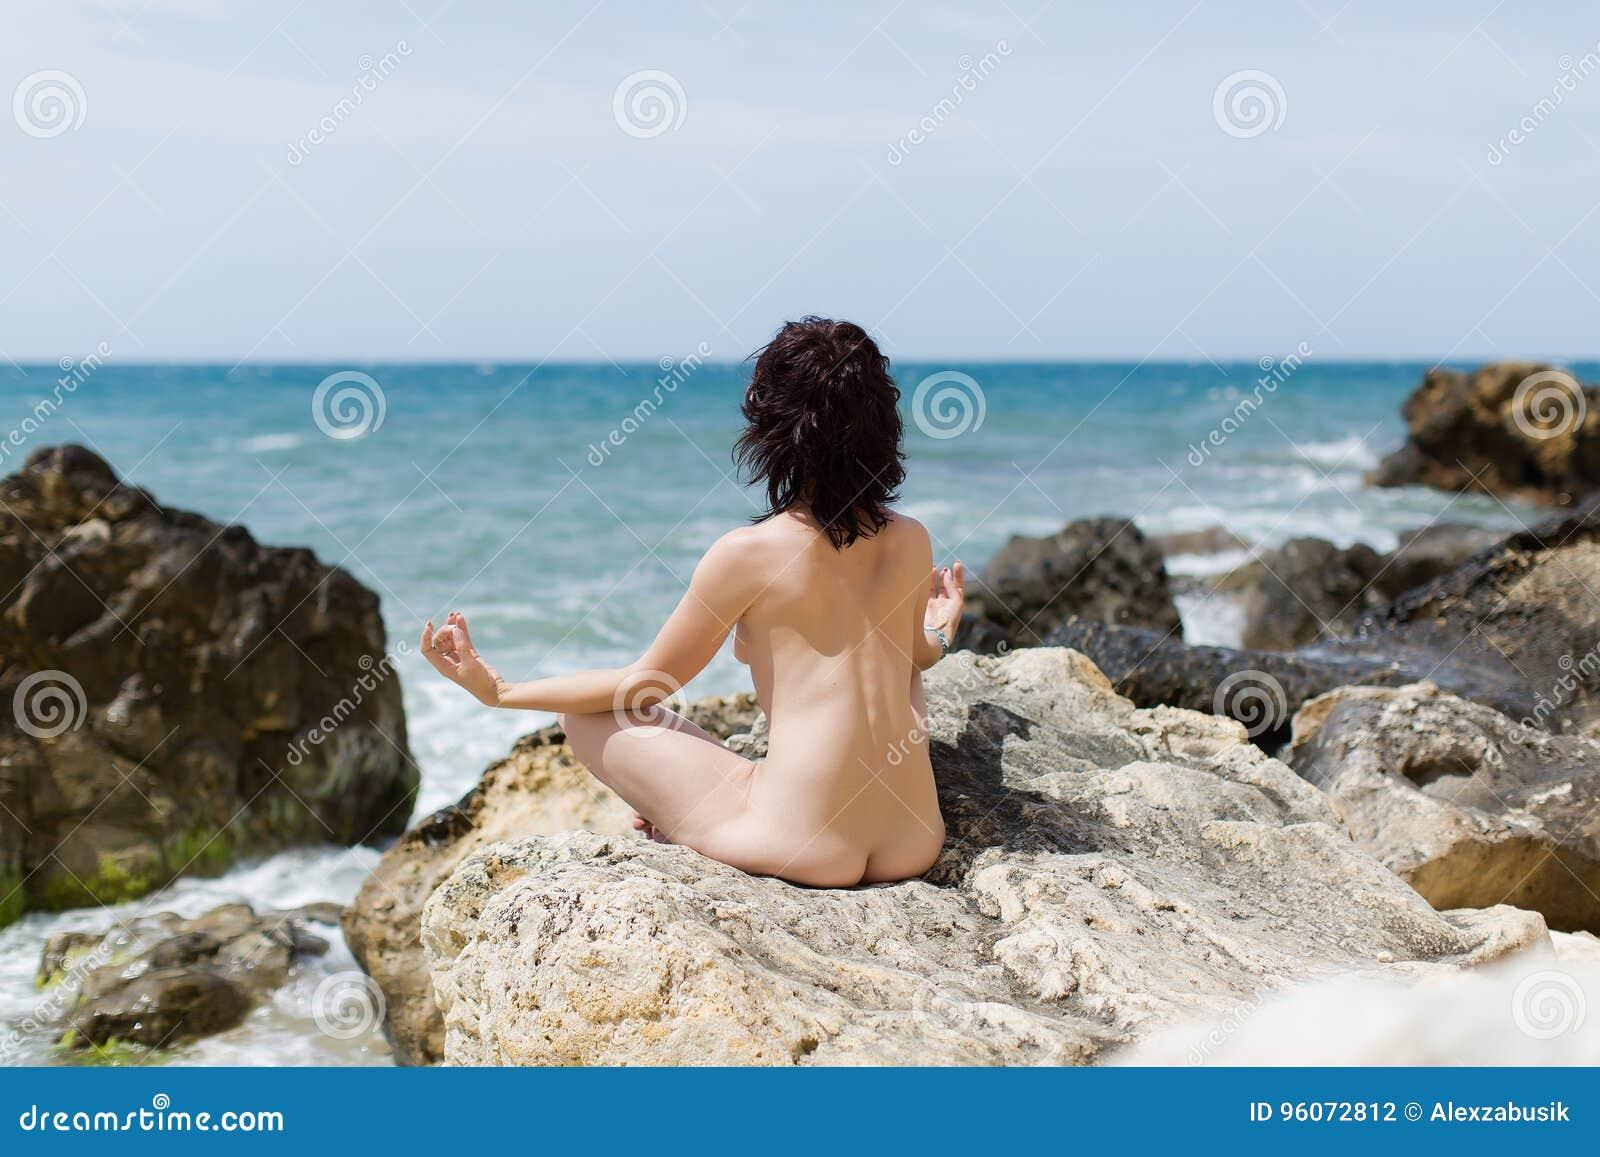 ώριμη γυμνή φωτογραφία πορνοκολέγιο